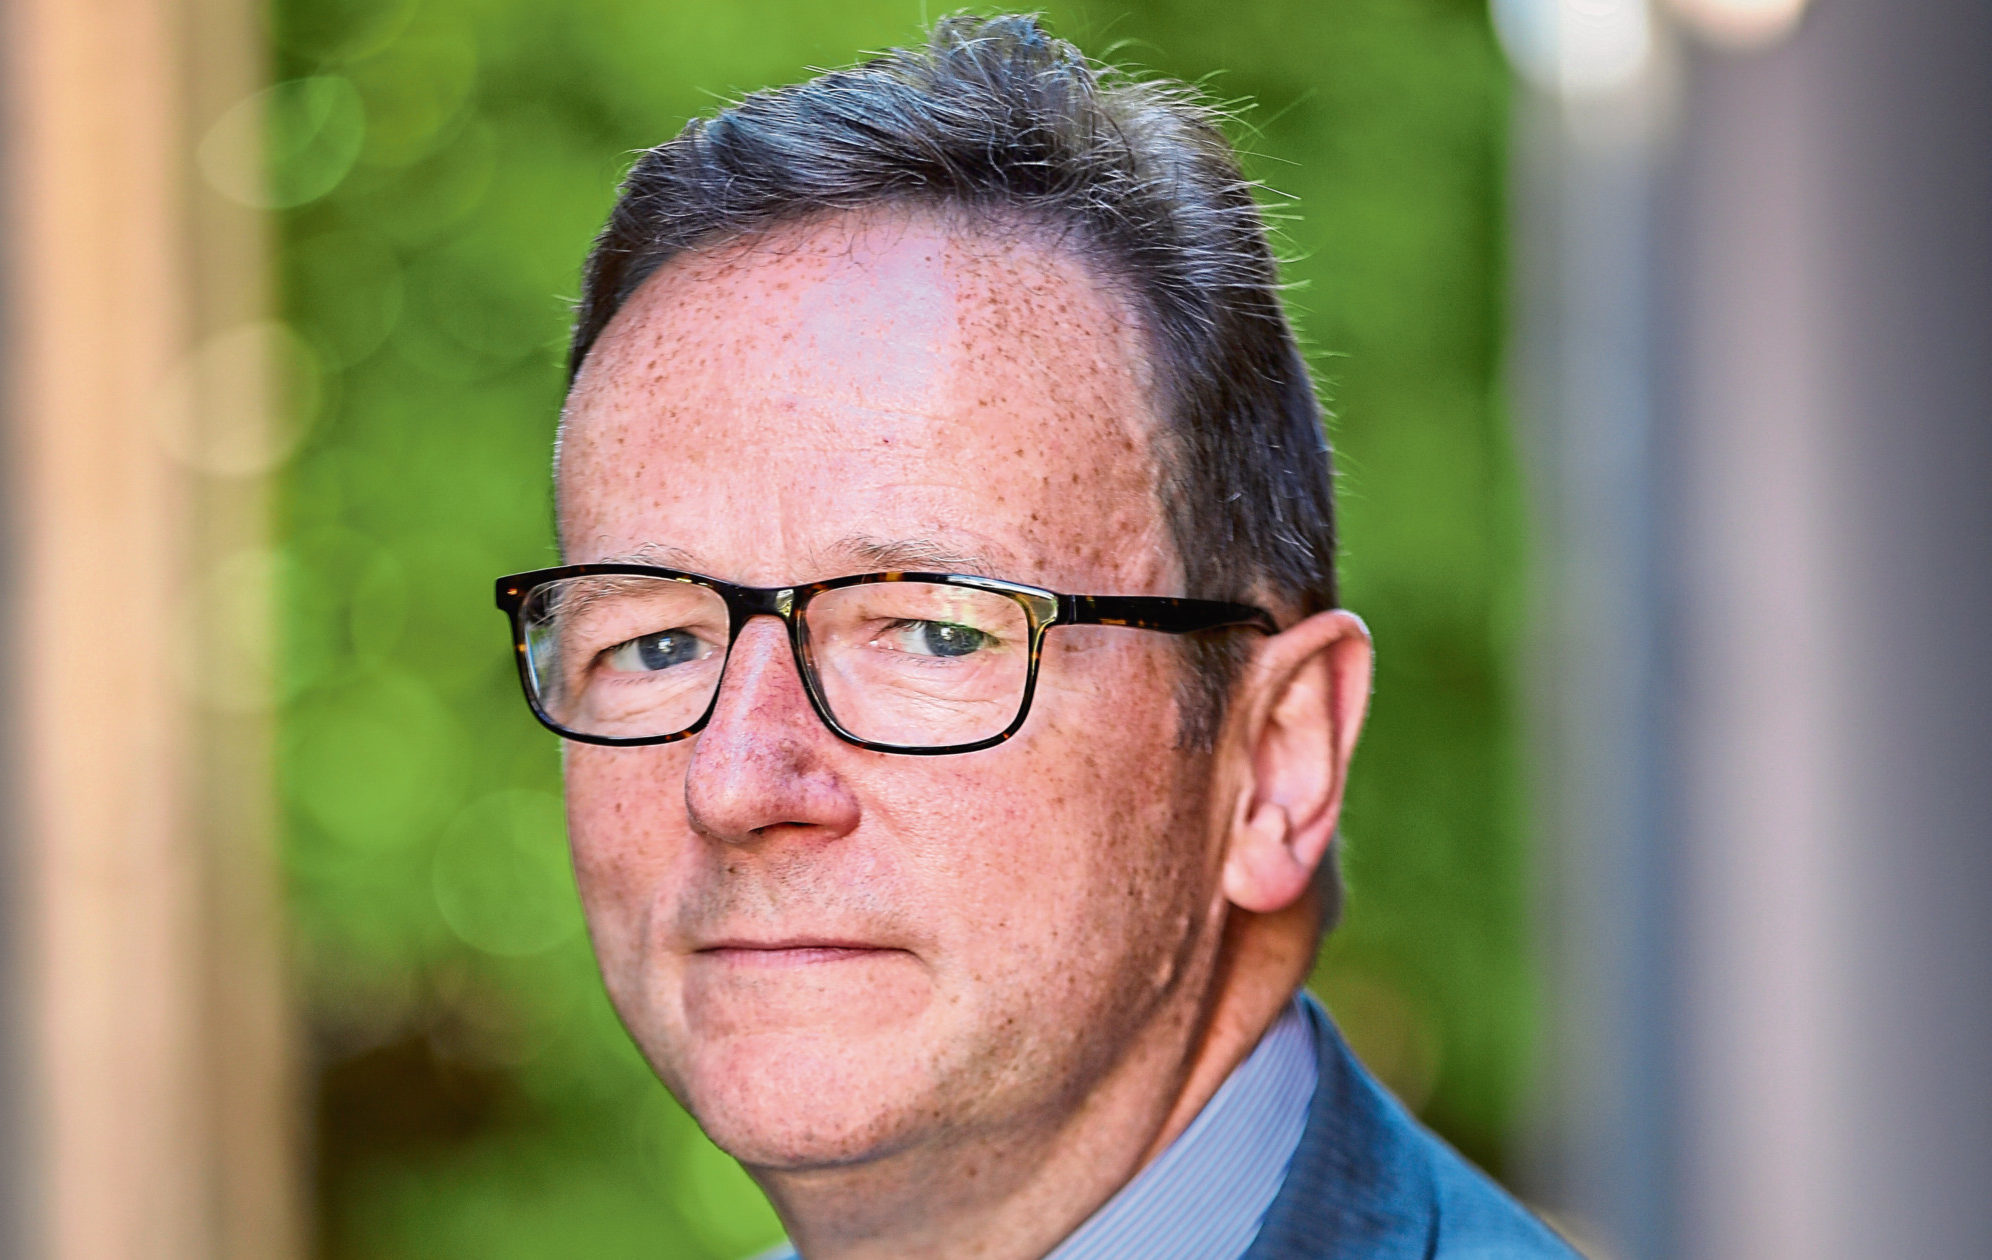 David Strang